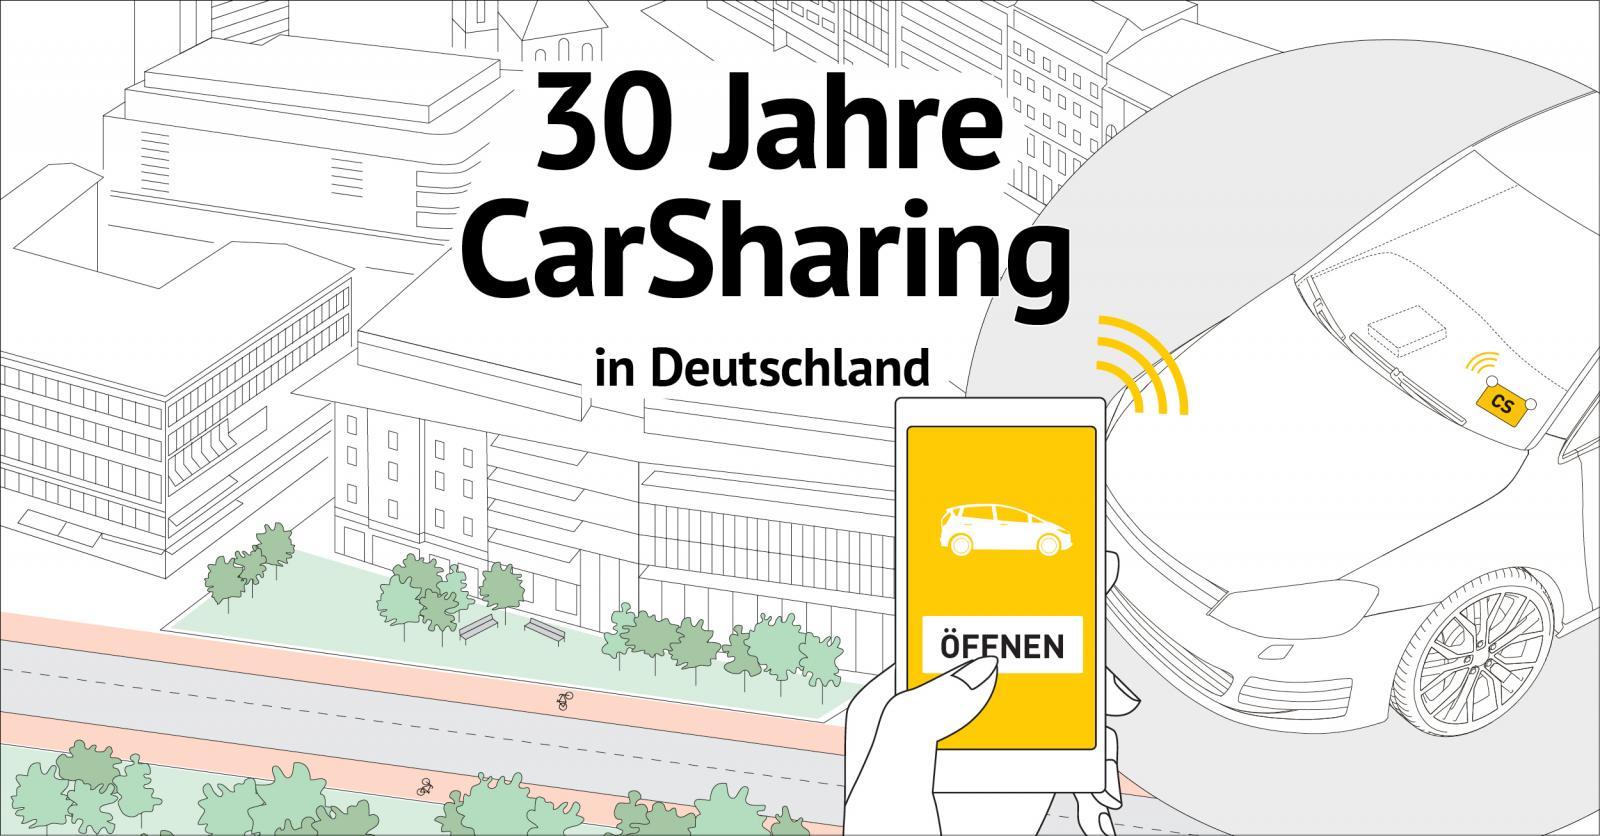 Abb. 1: CarSharing feiert sein 30. Jubiläum in Deutschland.